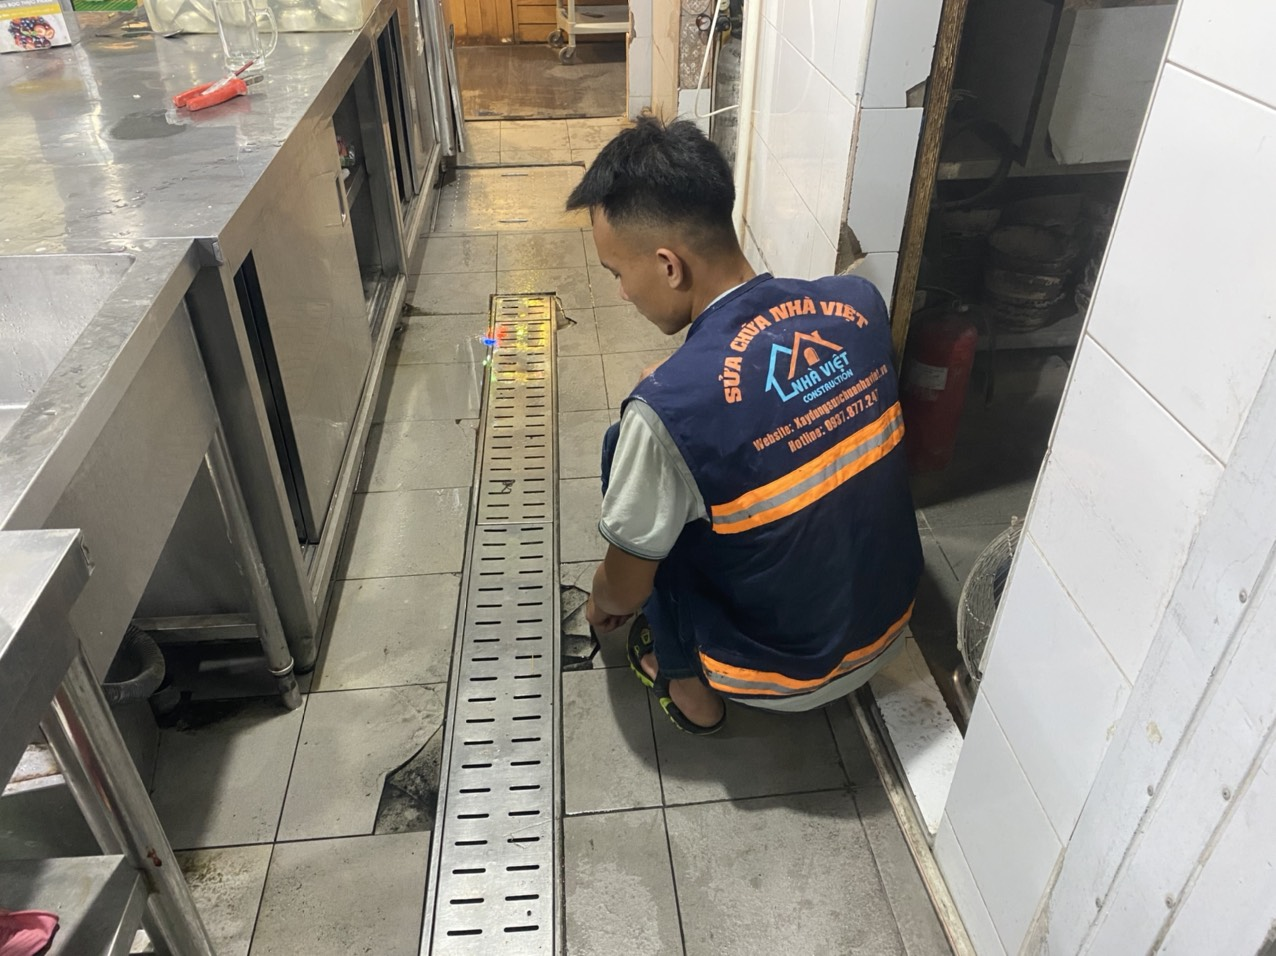 chong tham nha bep tphcm 9 - Chống thấm nhà bếp TP Hồ Chí Minh dứt điểm tuyệt đối 100%